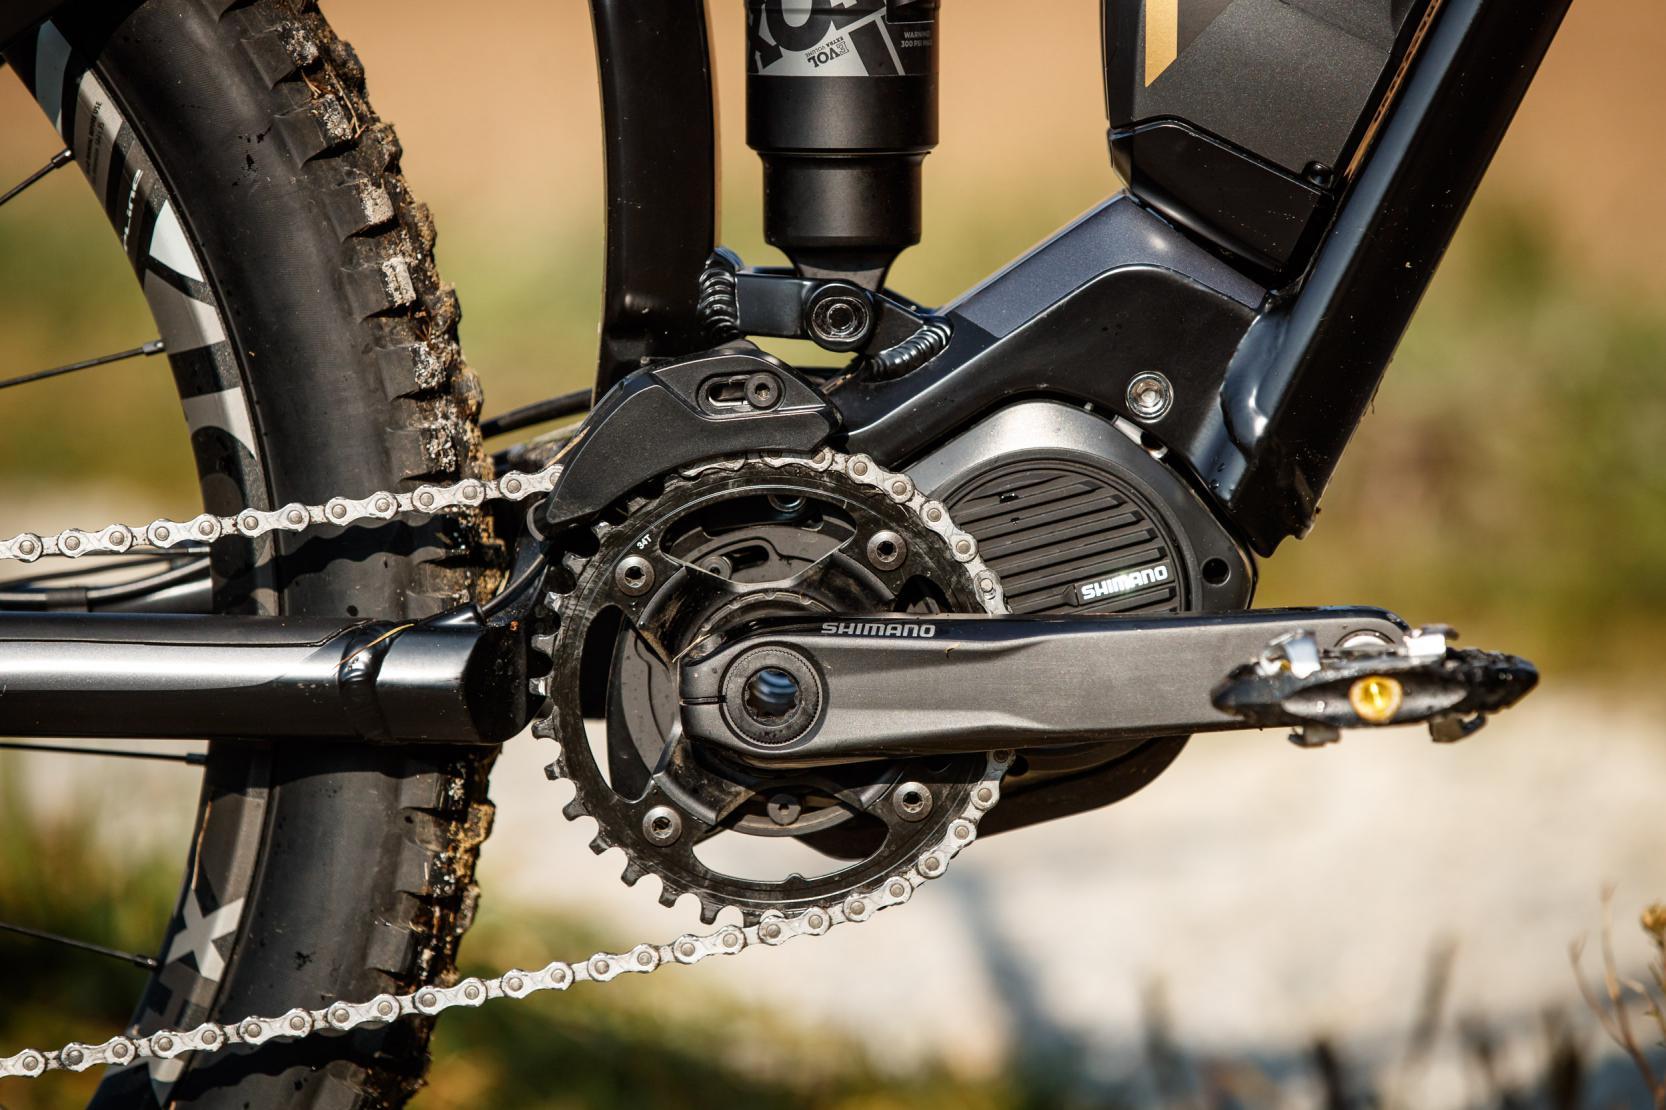 #4 Der leichte und kompakte E8000-Motor ermöglicht die 439,5 mm kurzen Kettenstreben und bietet Platz für eine Kettenführung.